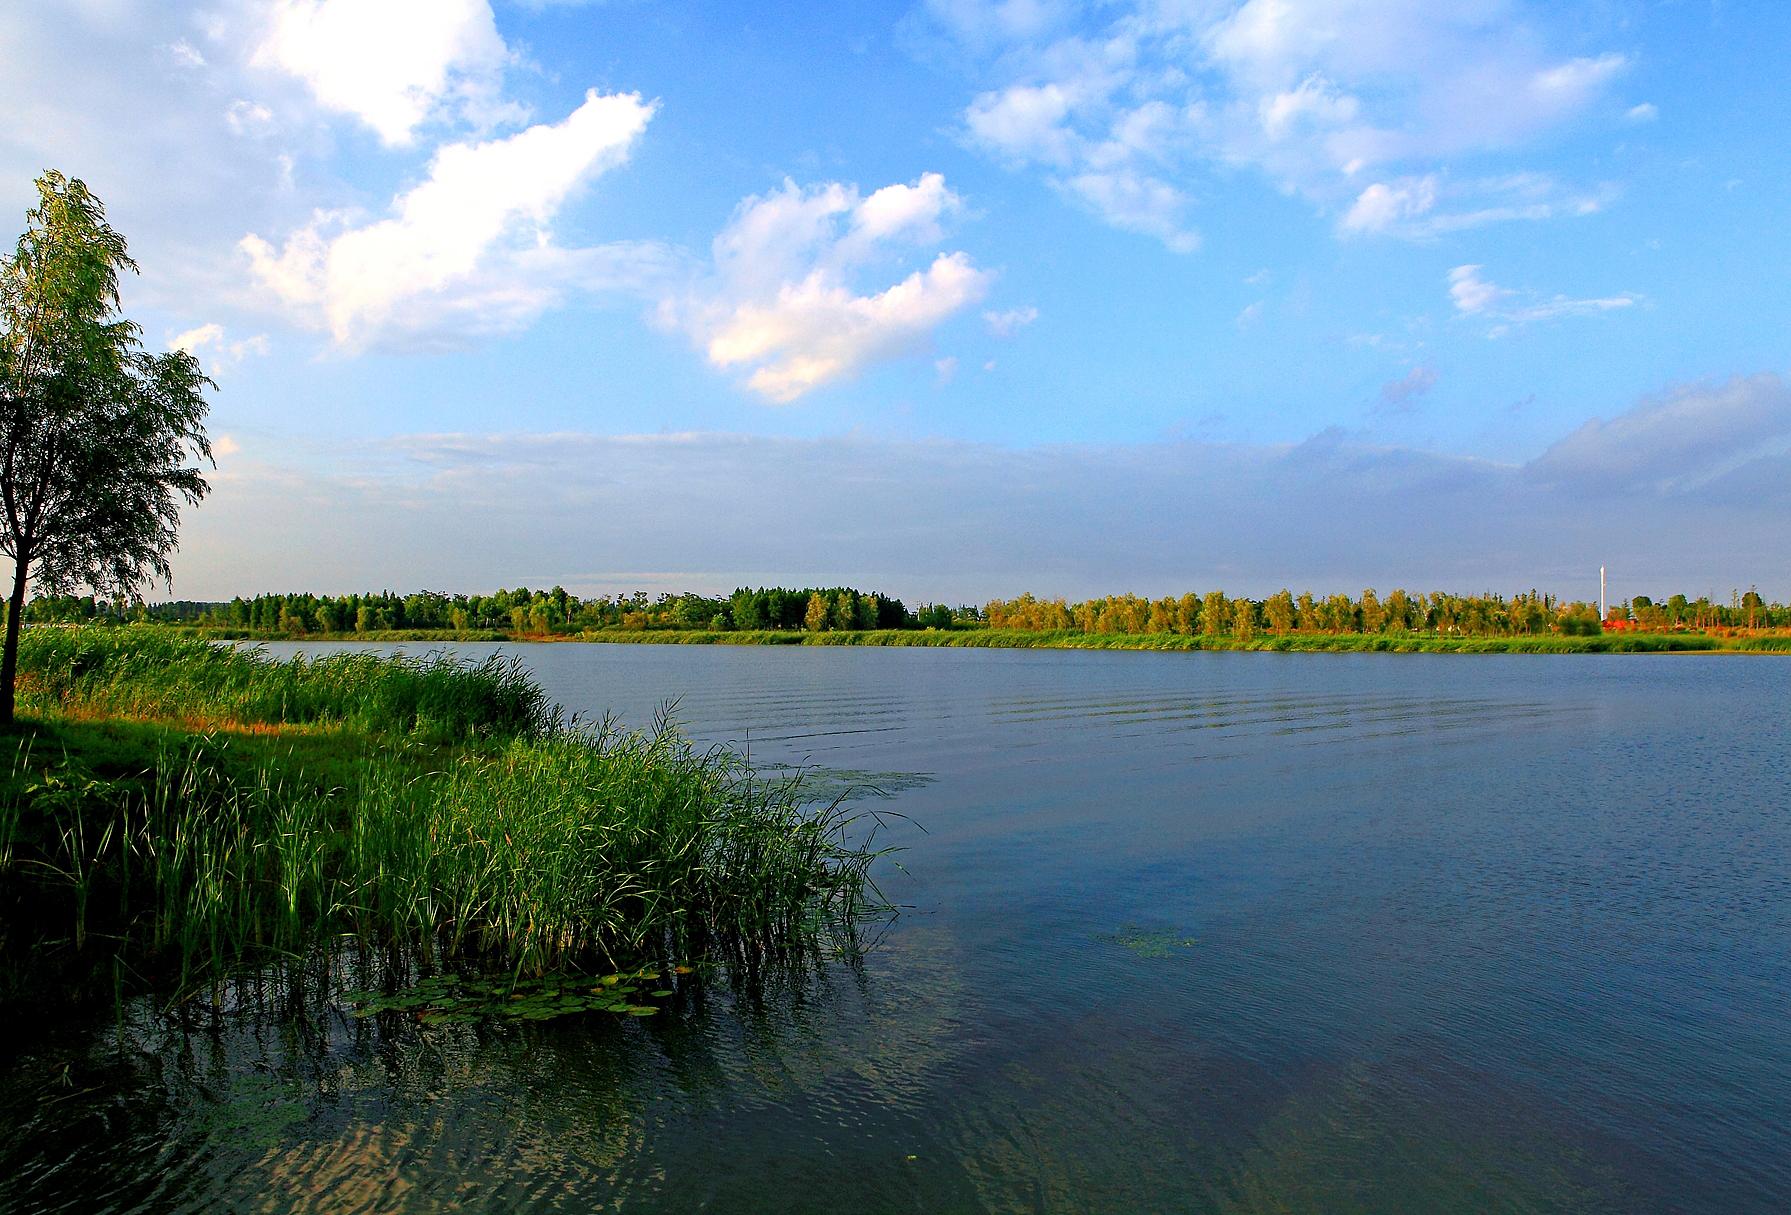 21大丰东方湿地公园IMG_2530.JPG